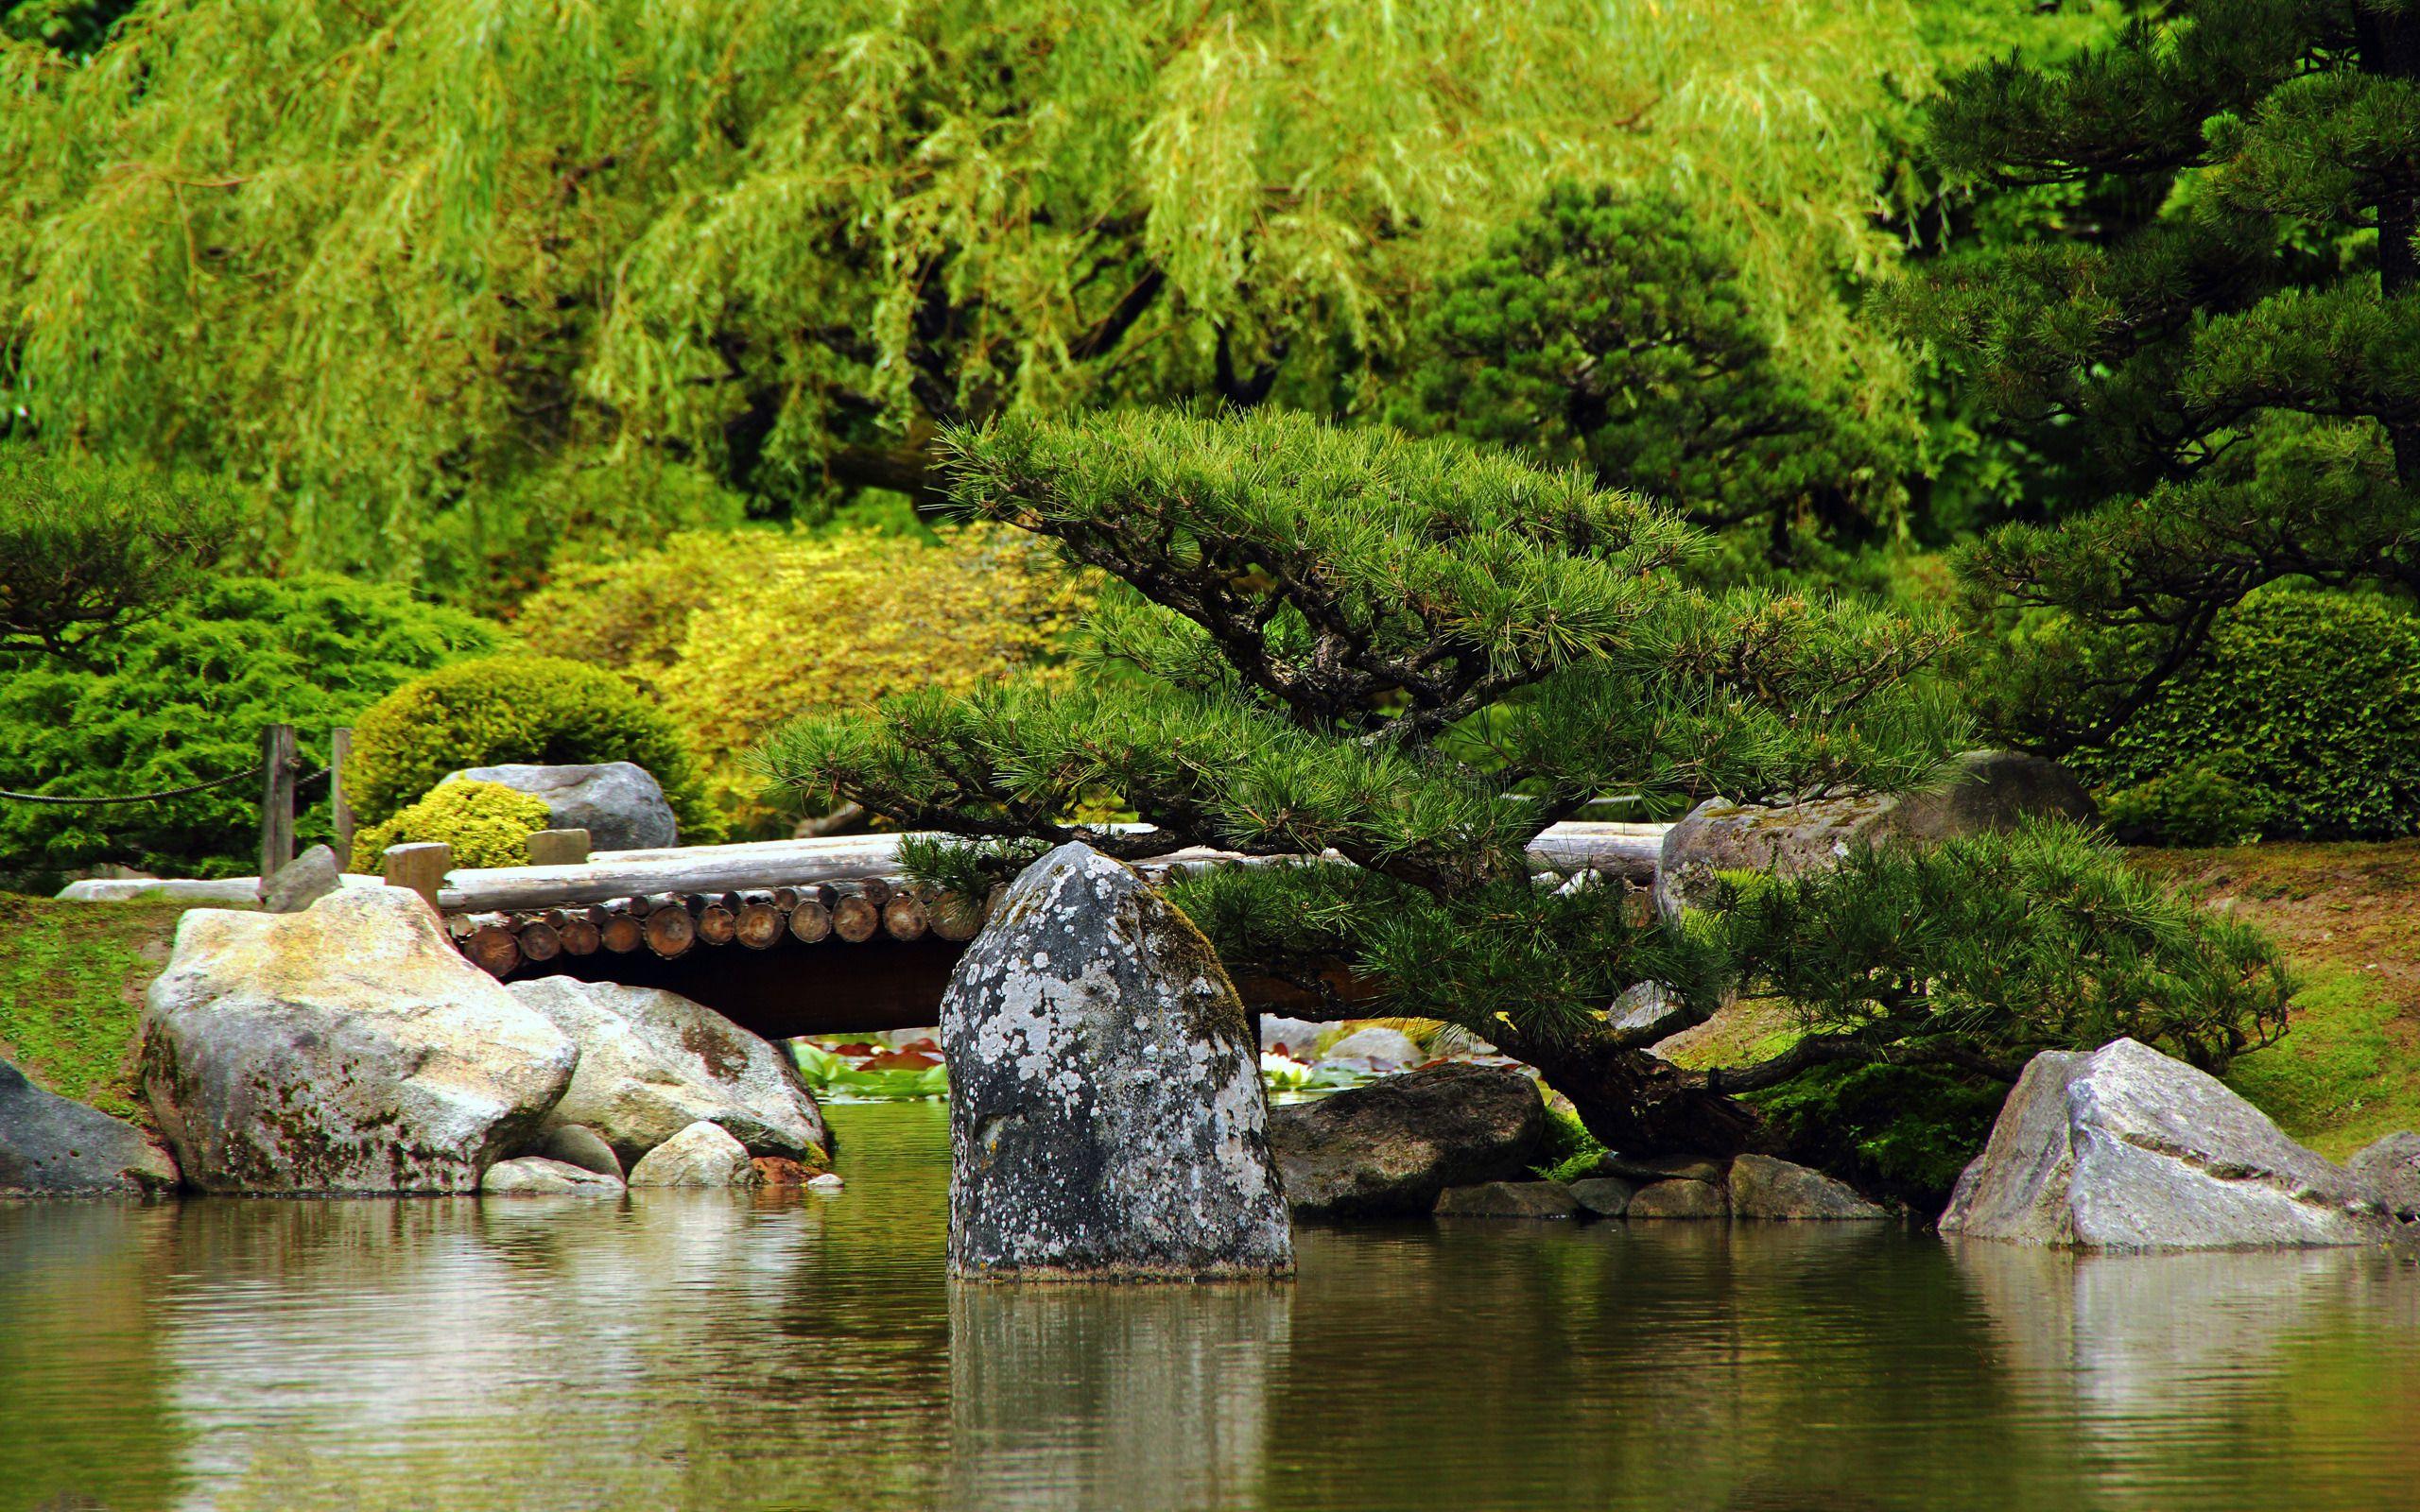 Pingl par hoccus poccus sur jardin magnifique for Conception de jardin gratuit